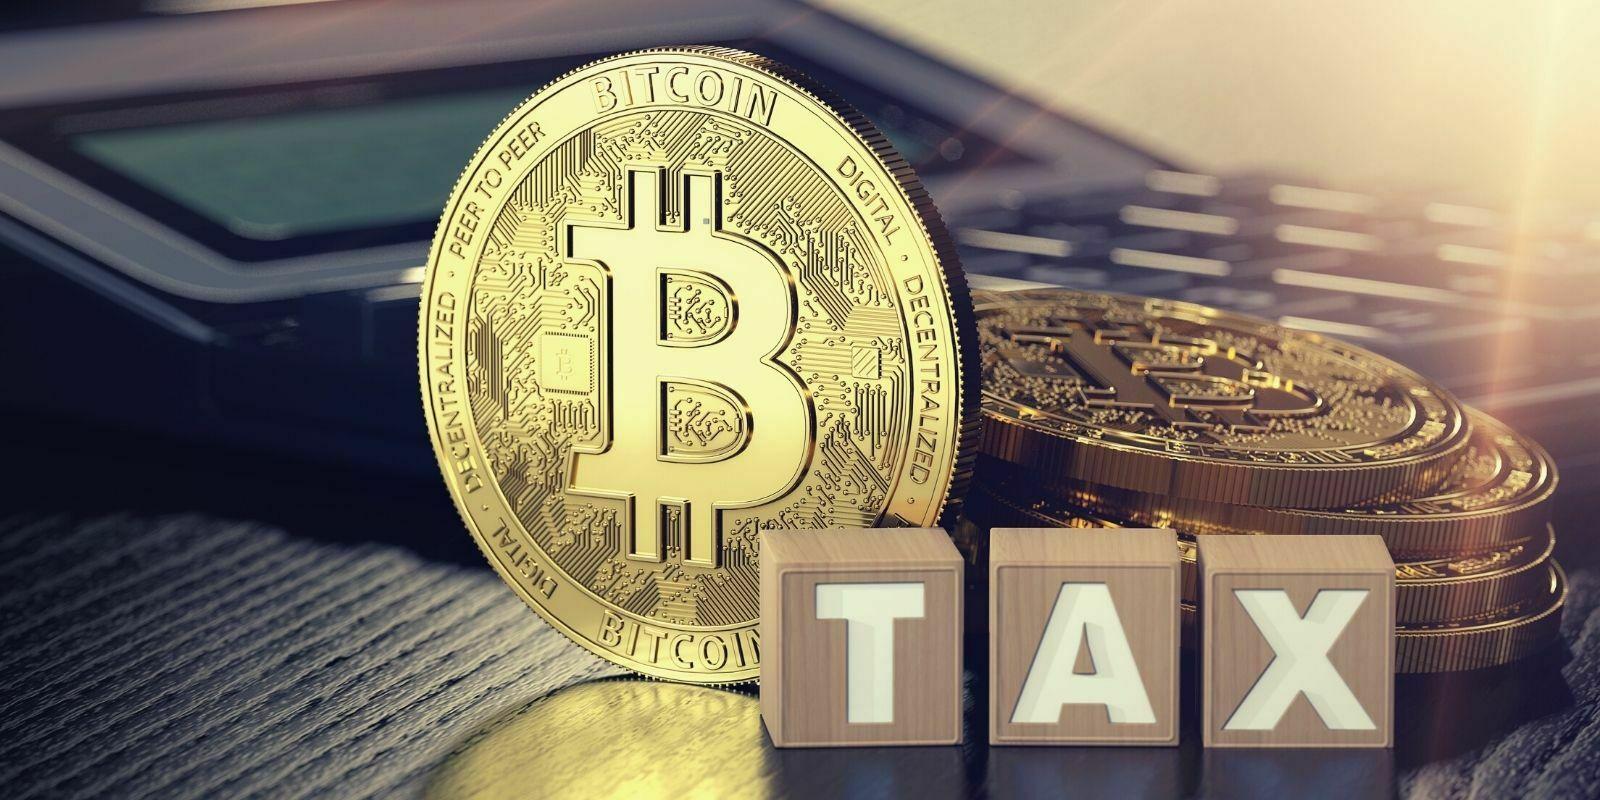 Pourquoi l'État devrait accepter le Bitcoin (BTC) pour payer les impôts et taxes ?